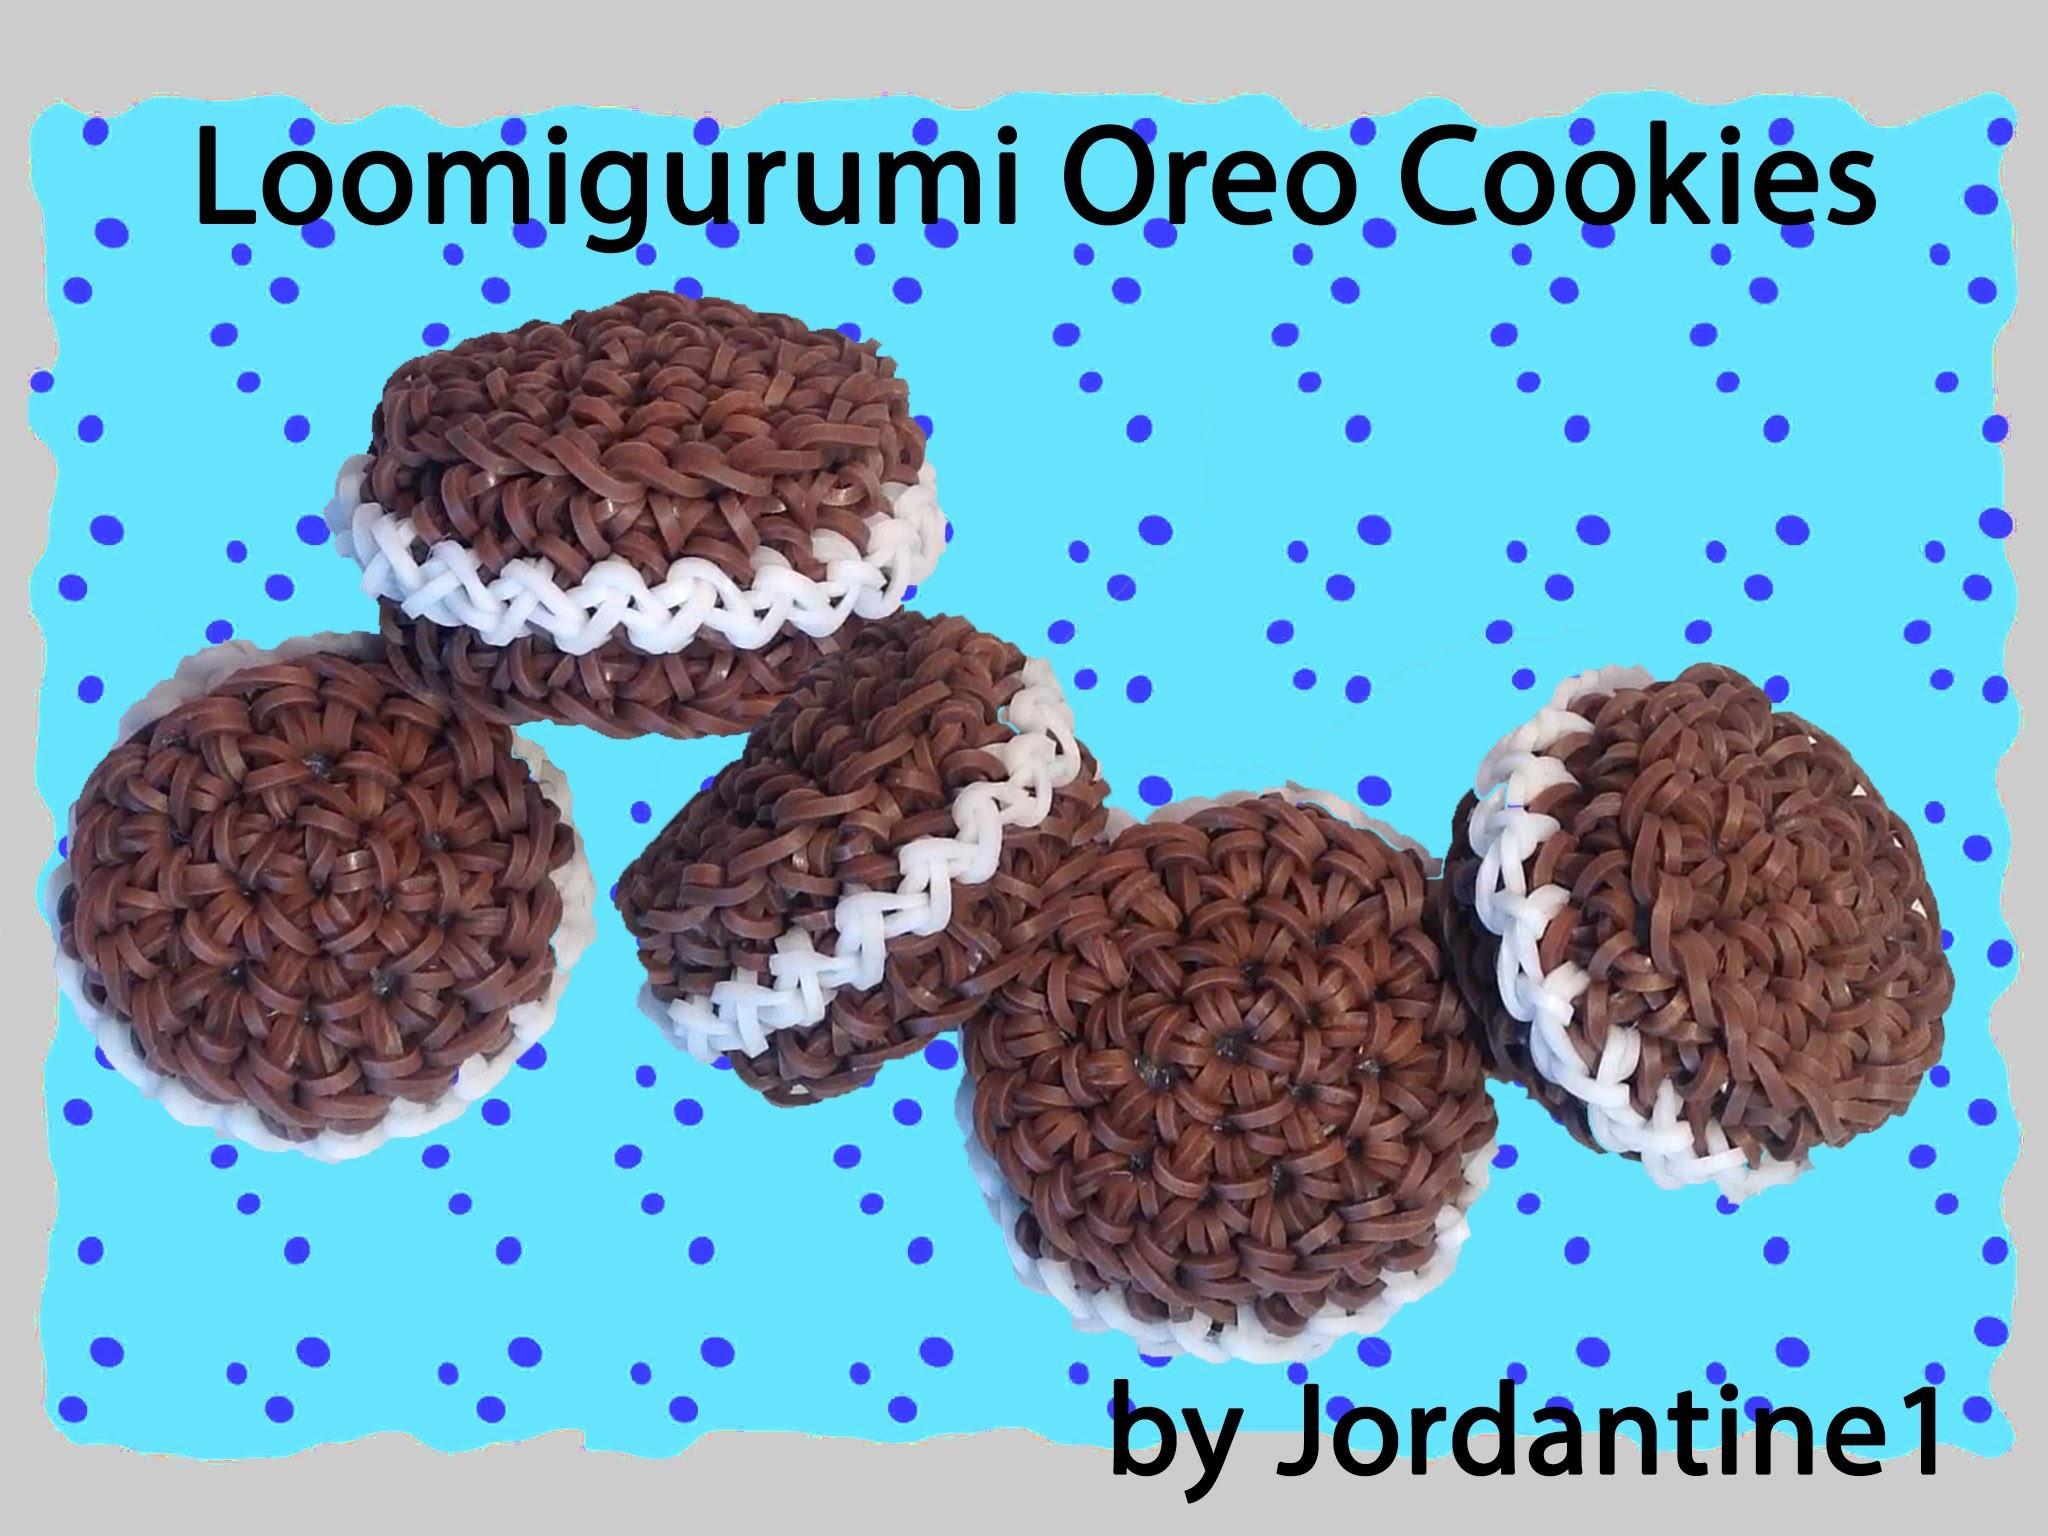 New Loomigurumi. Amigurumi Oreo Cookie - Rubber Band Crochet - Rainbow Loom - Hook Only